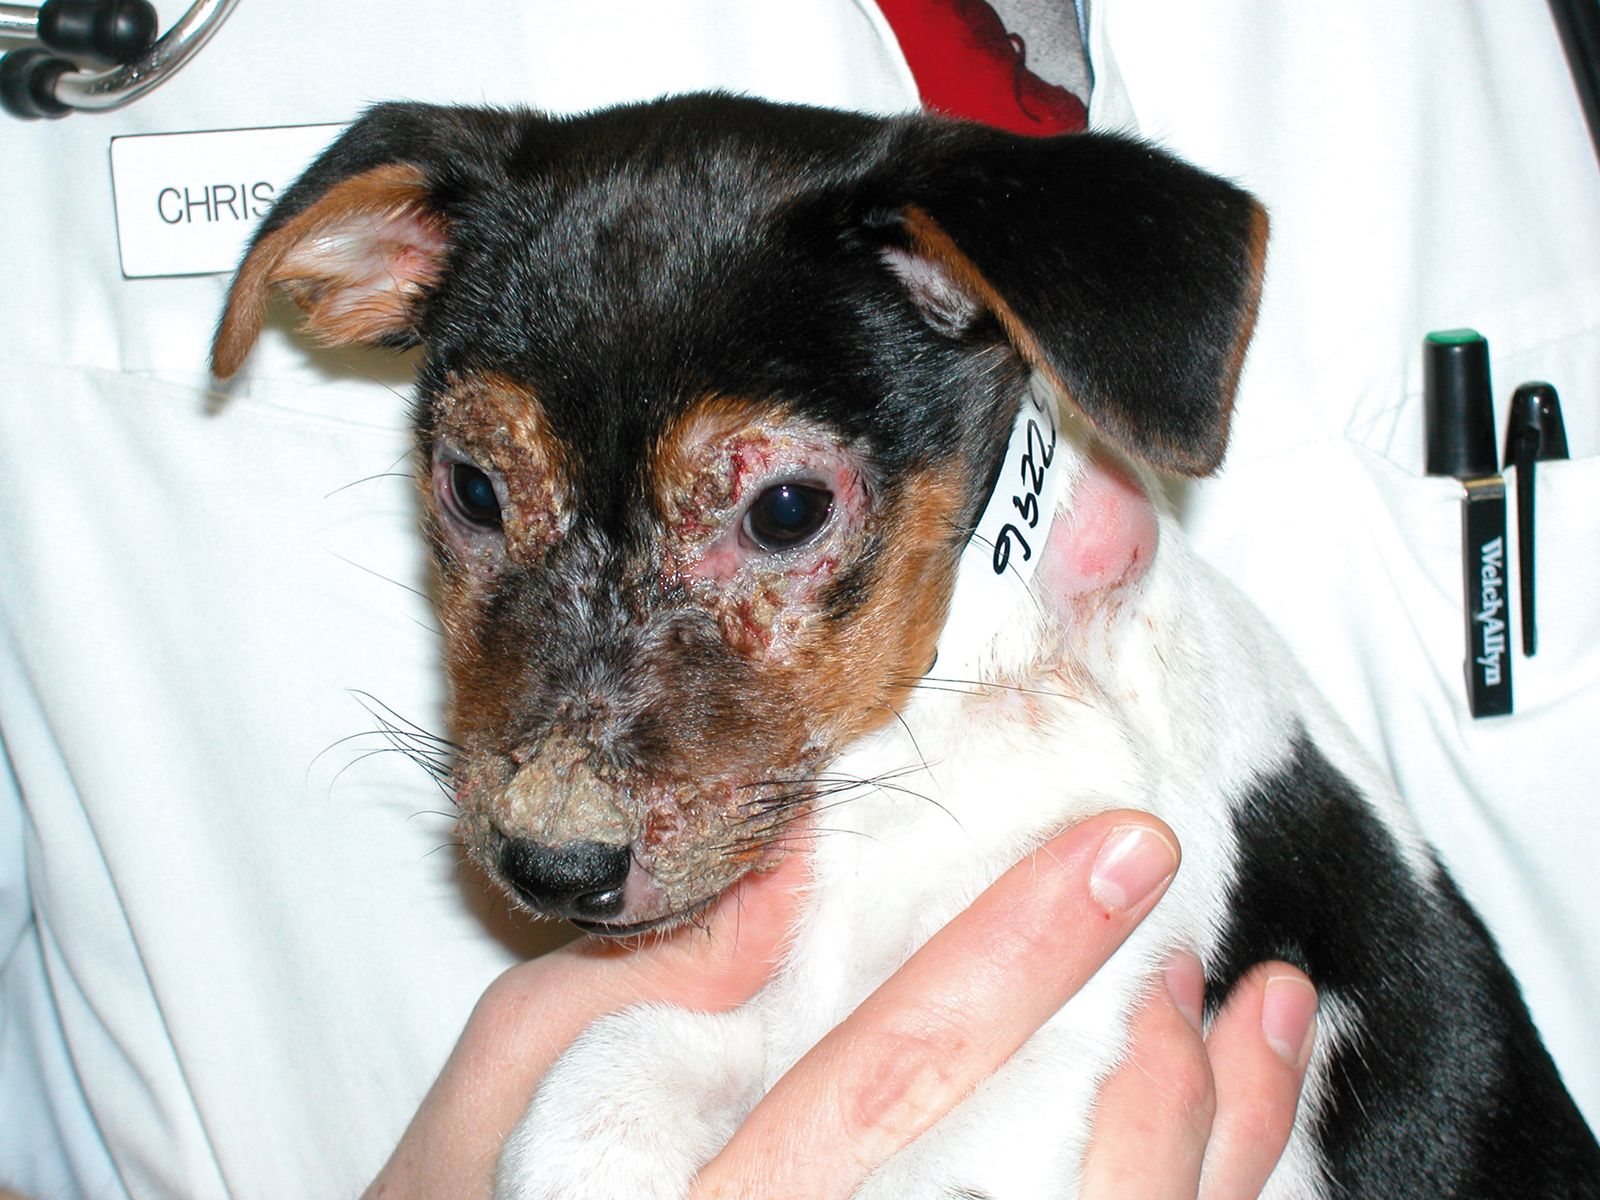 Costras y erosiones en la cara de un cachorro con celulitis juvenil.